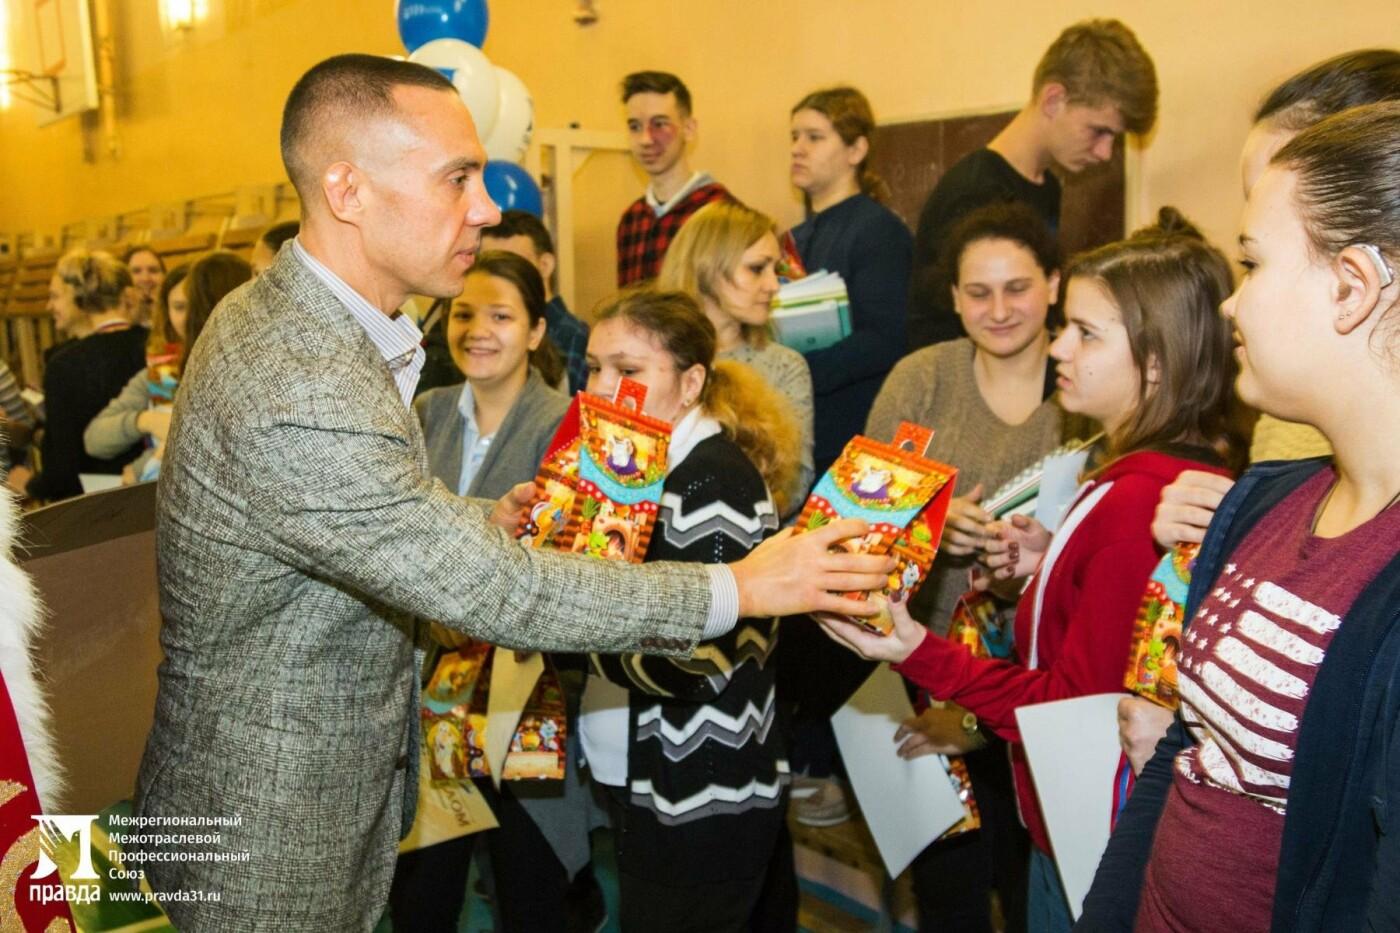 Профсоюз «Правда» поздравил друзей из школы-интерната № 23 с наступающим Новым годом, фото-1